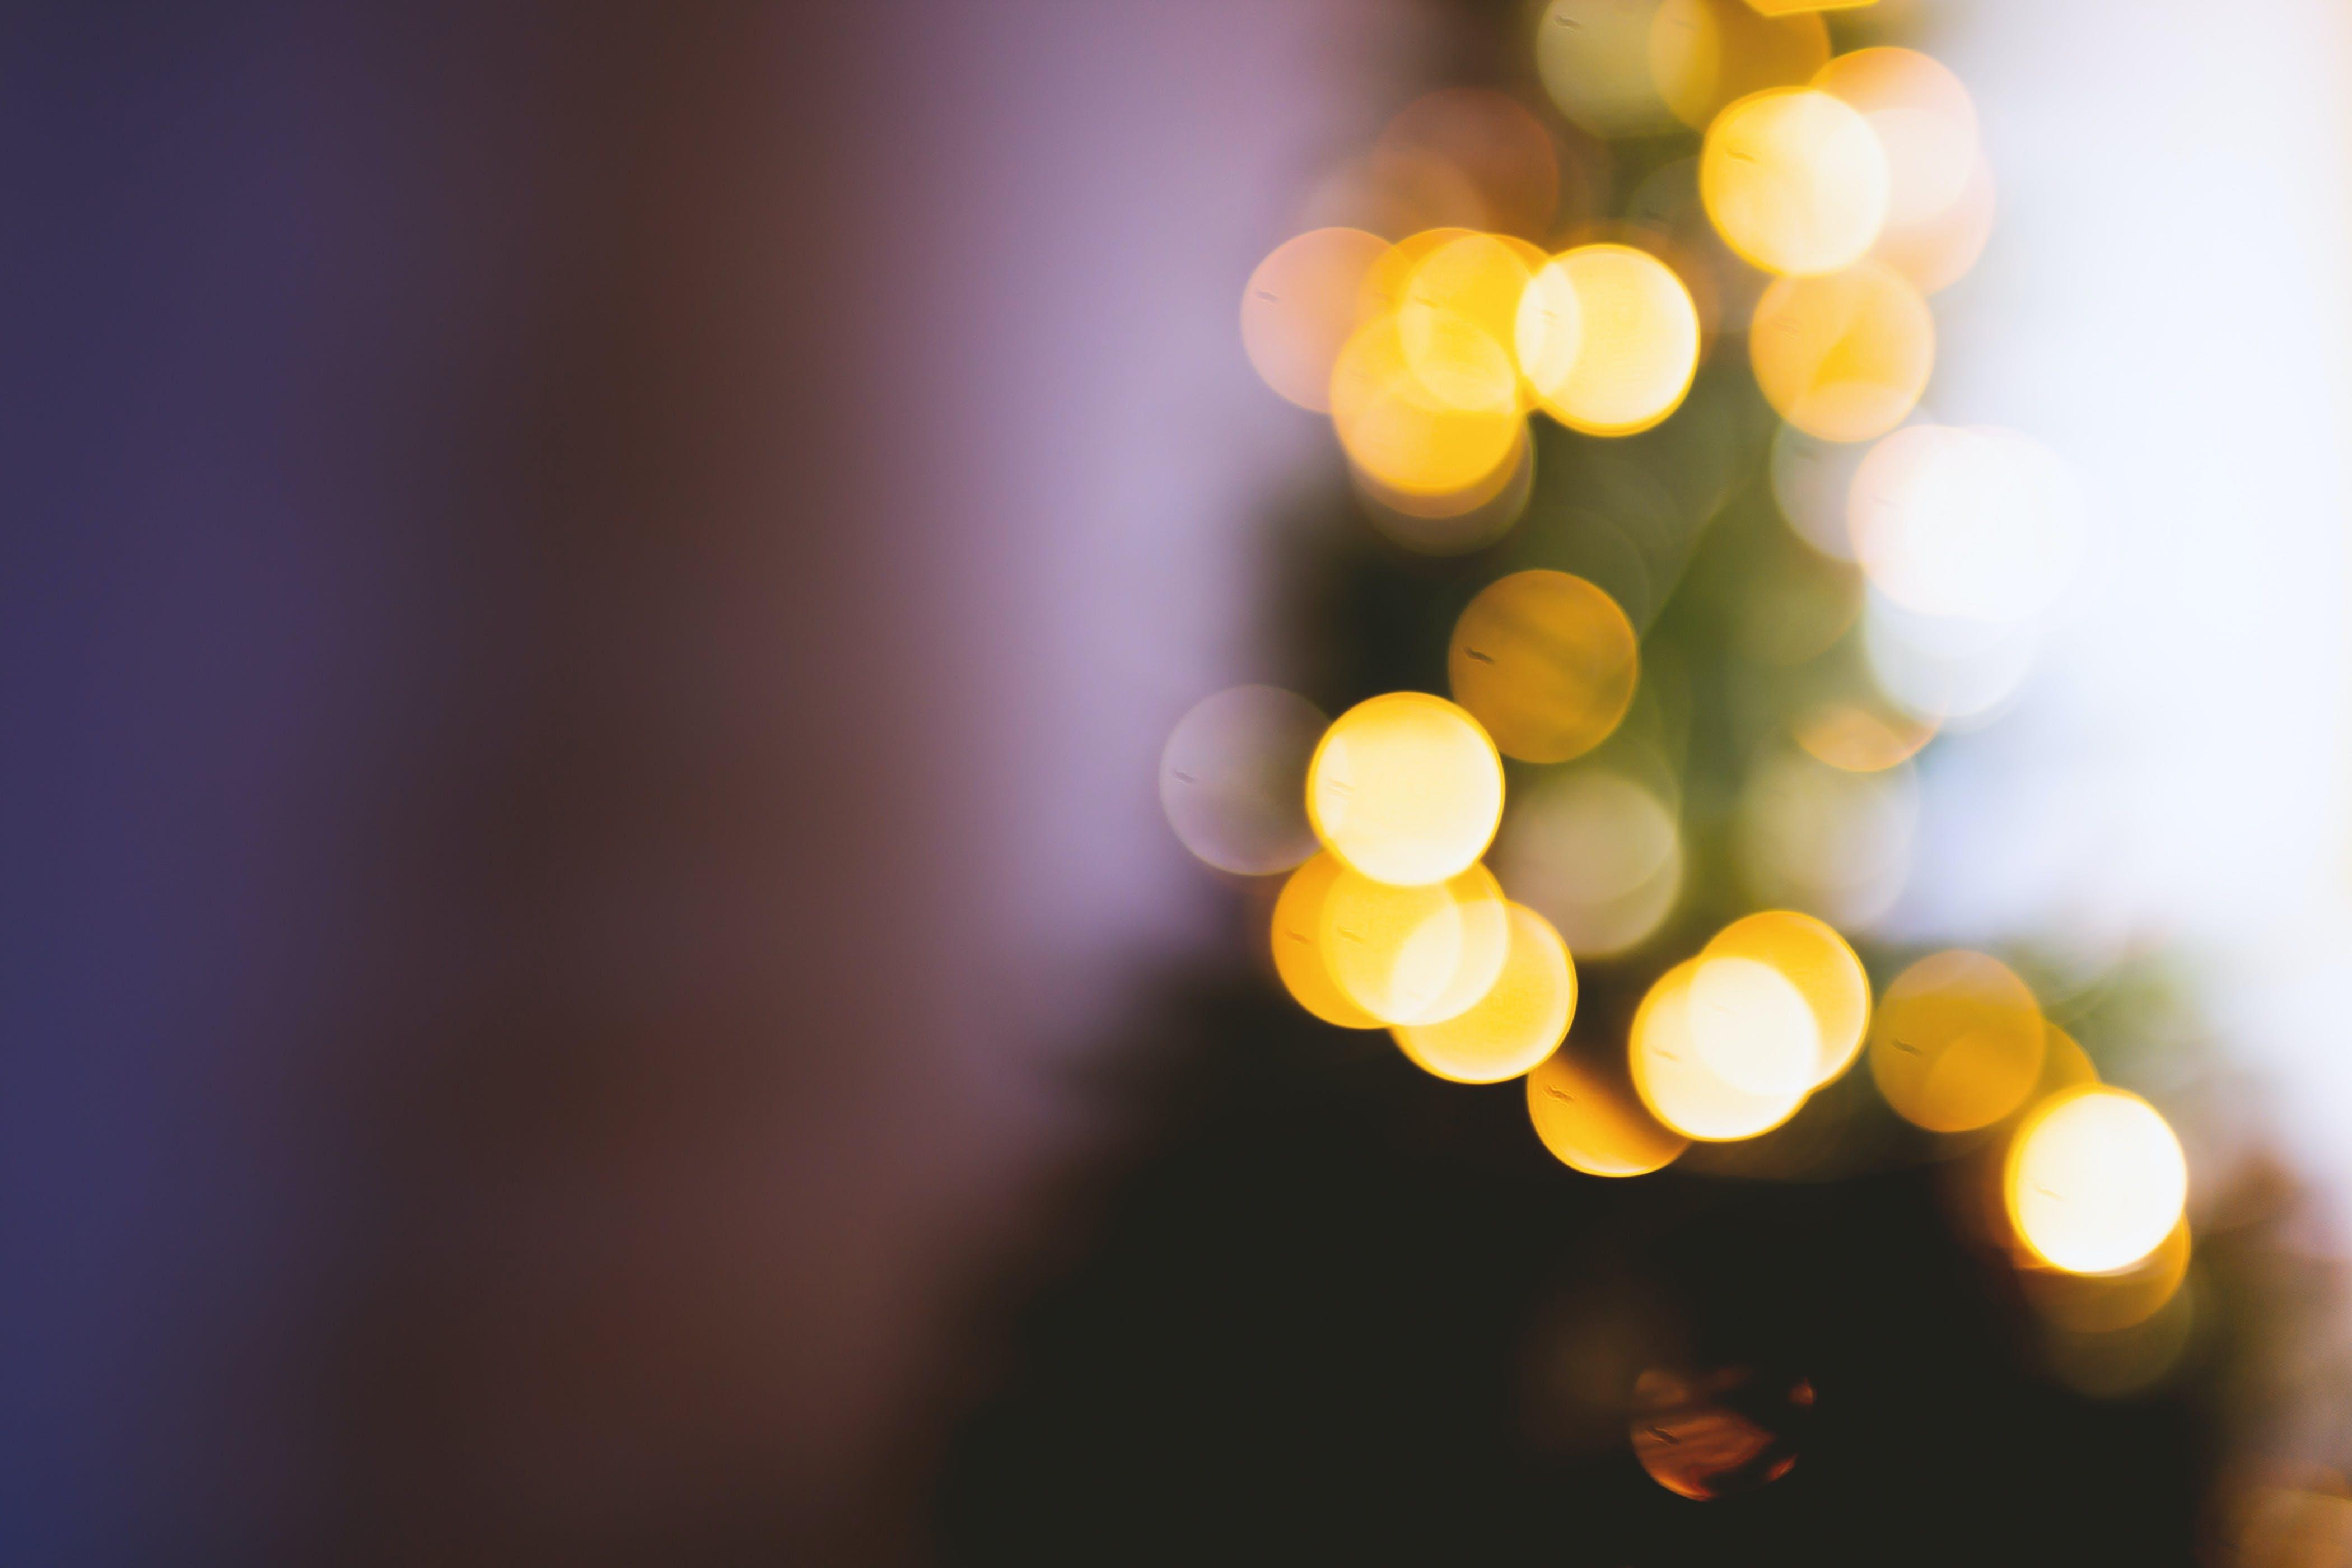 beleuchtet, design, dunkel